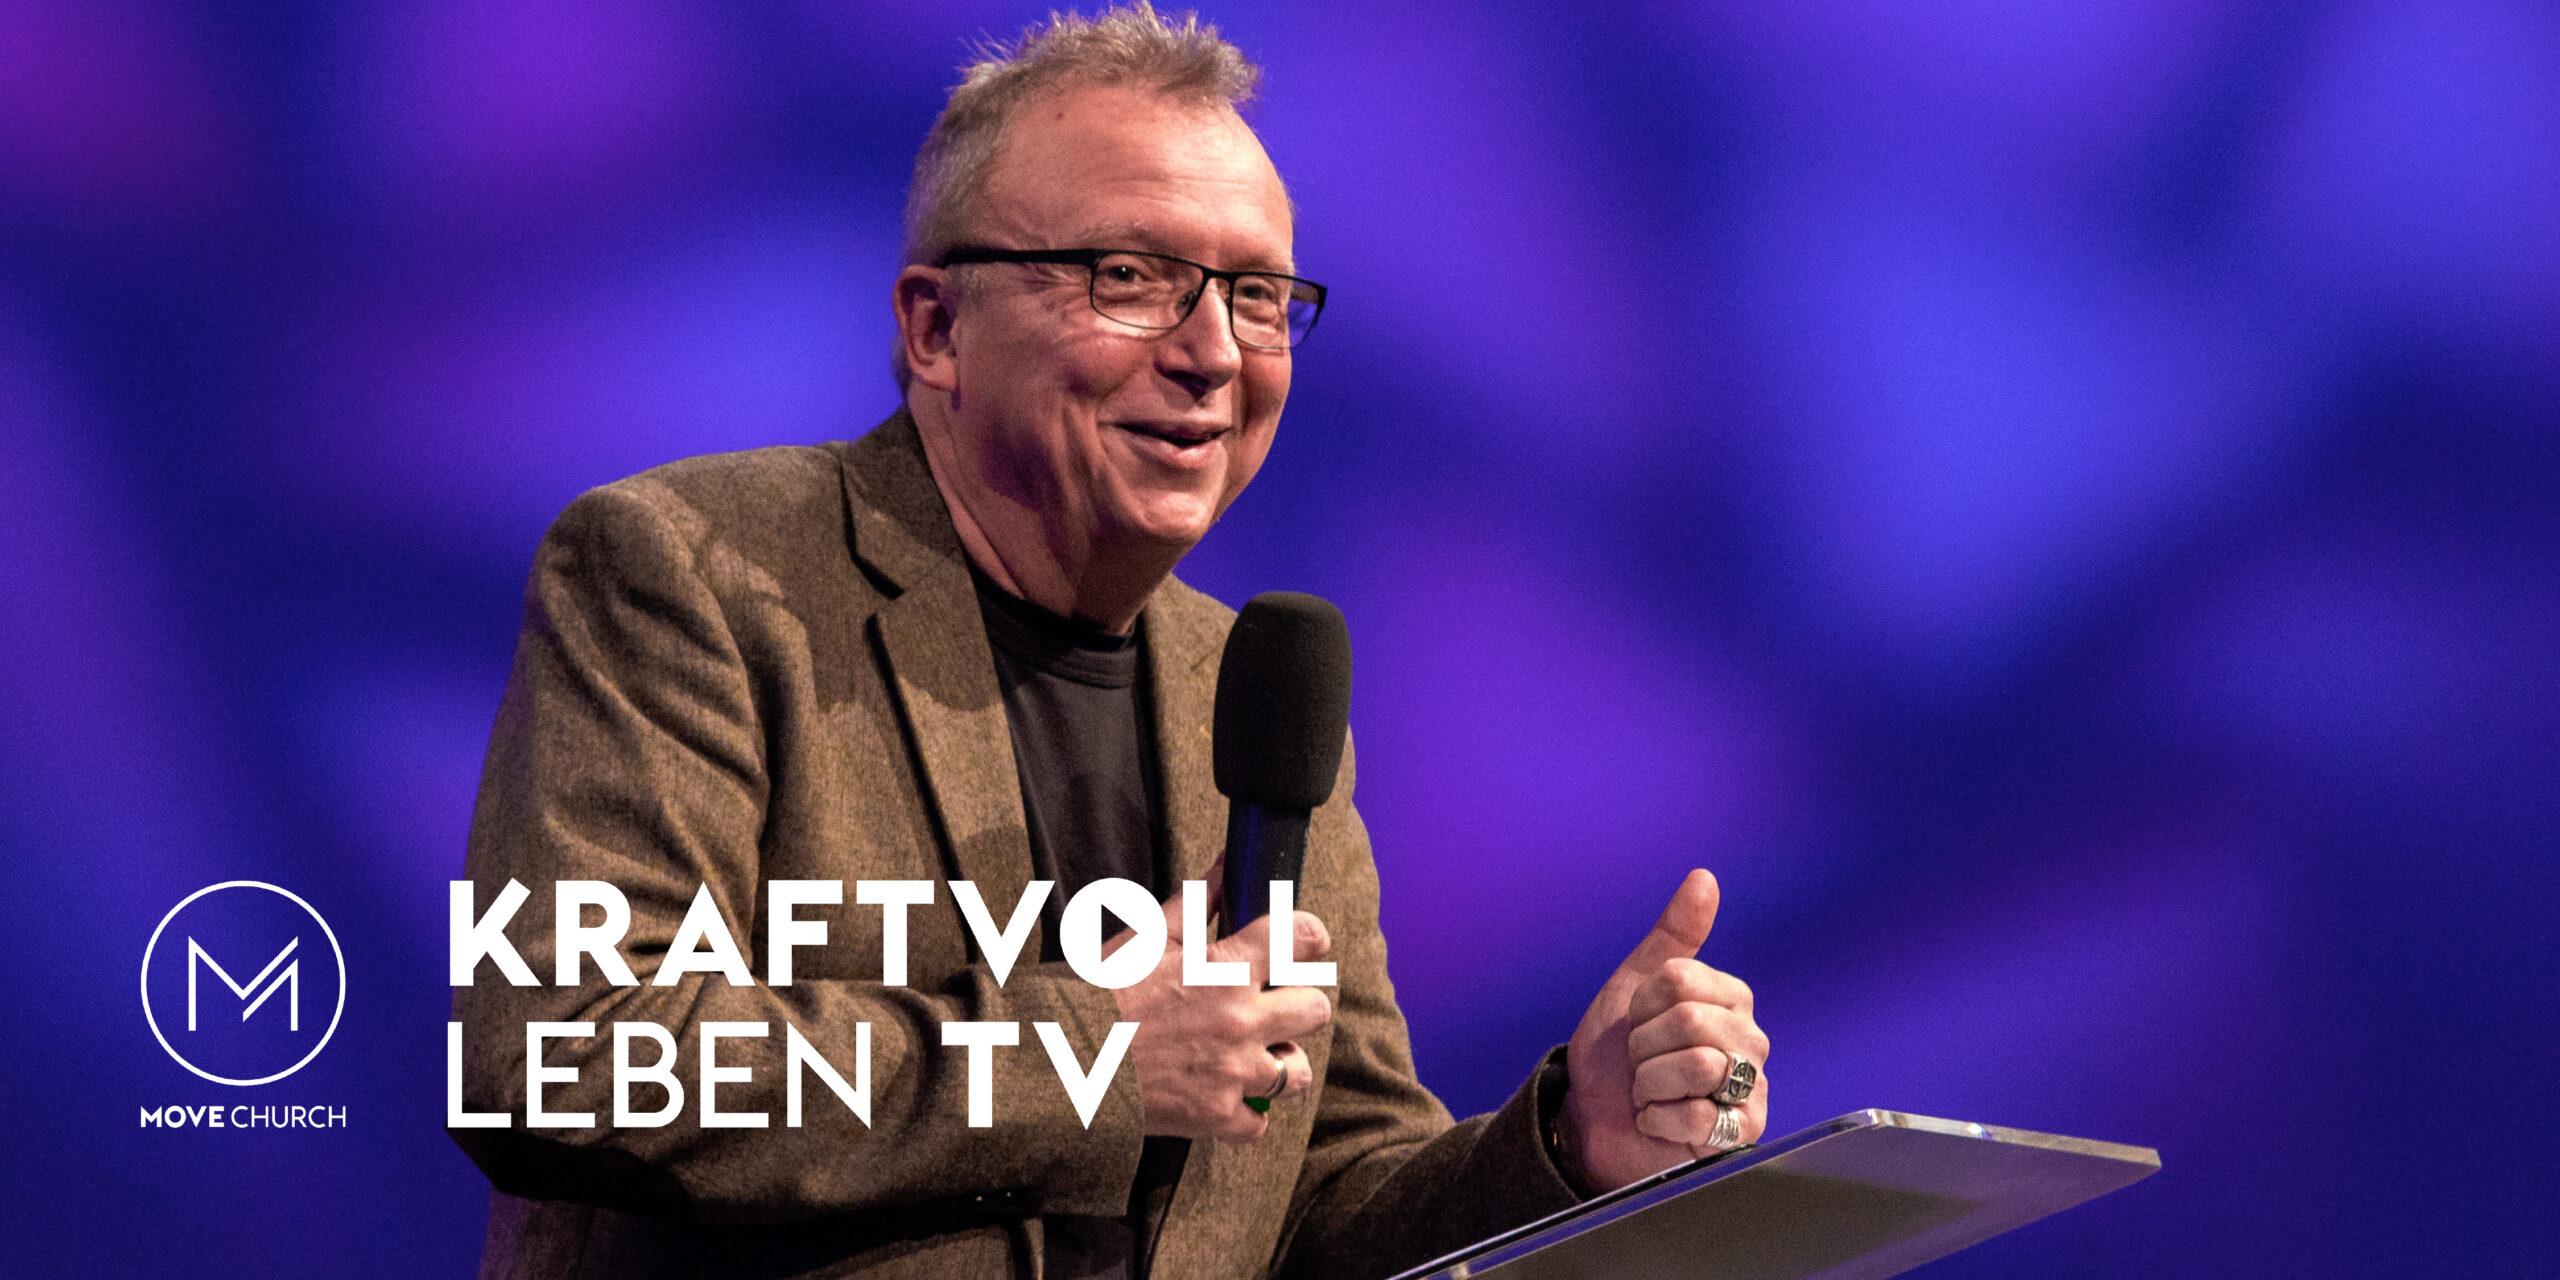 Kraftvoll-TV